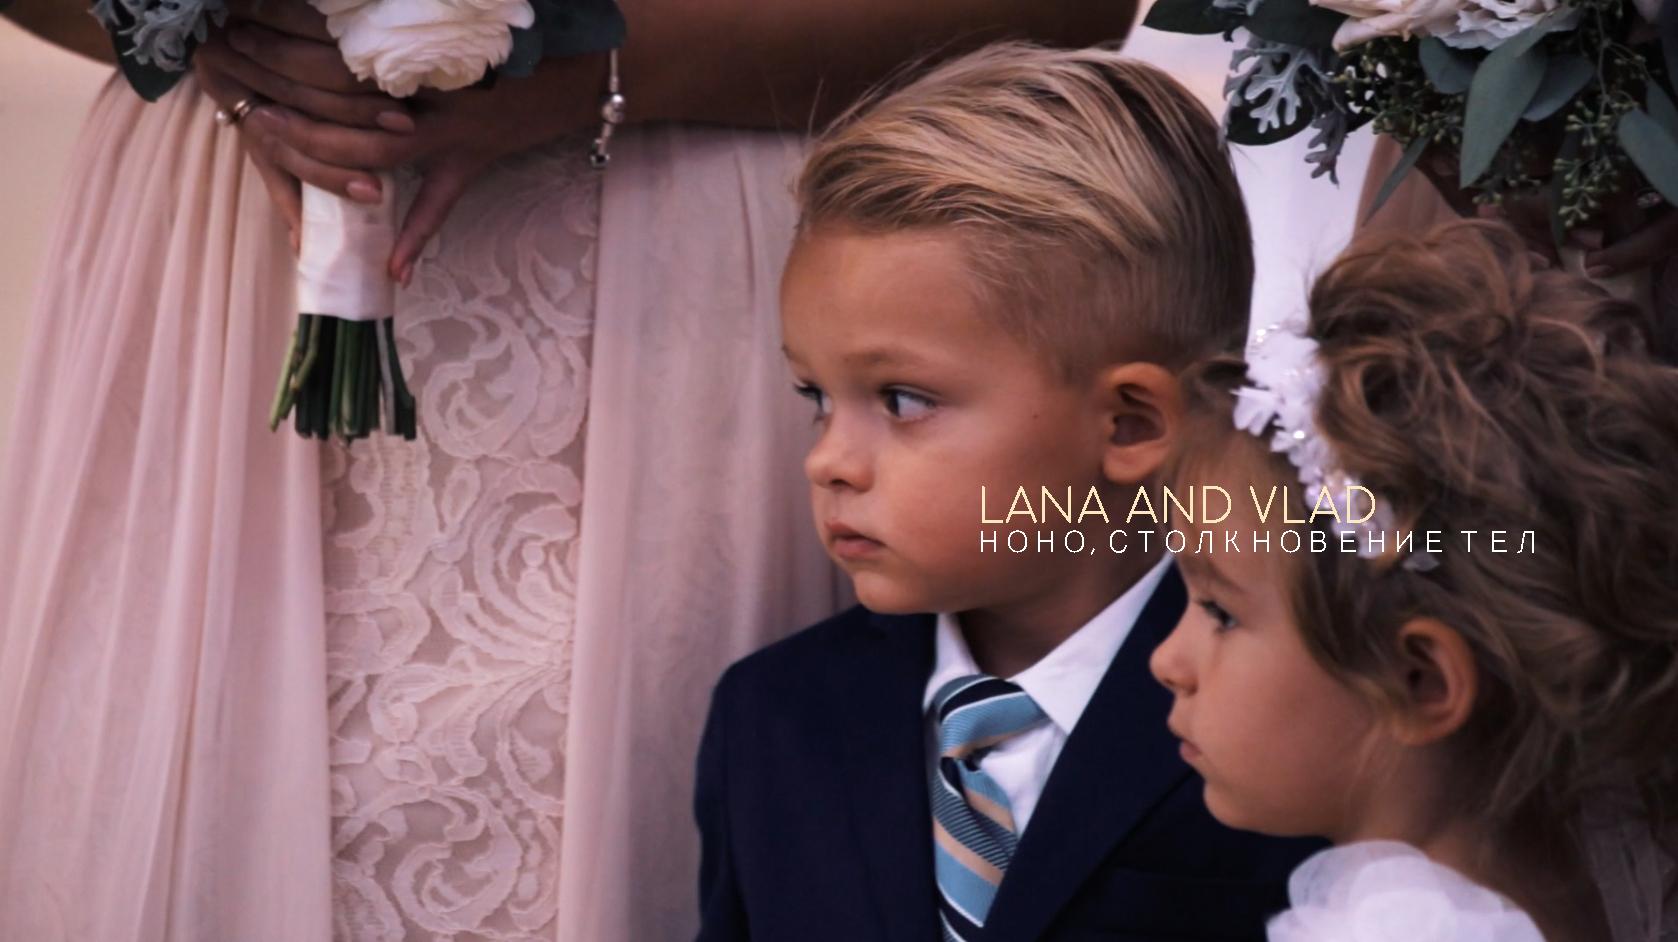 Lana + Vlad | Rancho Cordova, California | Platinum Palace Banquet Hall